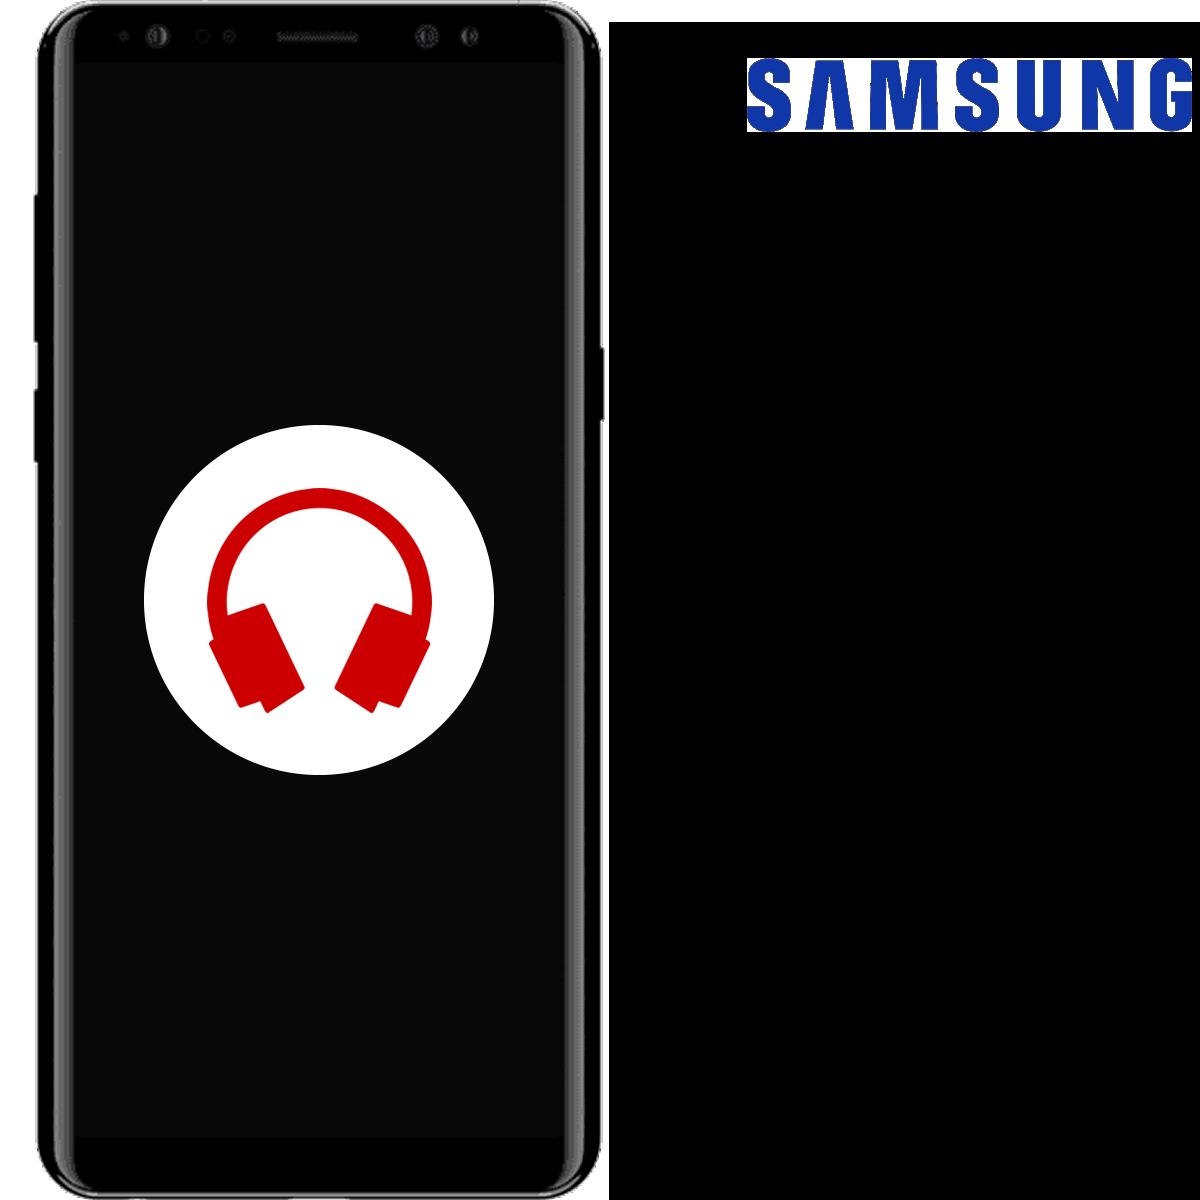 Samsung Galaxy Note 8 İç Kulaklık Değişimi